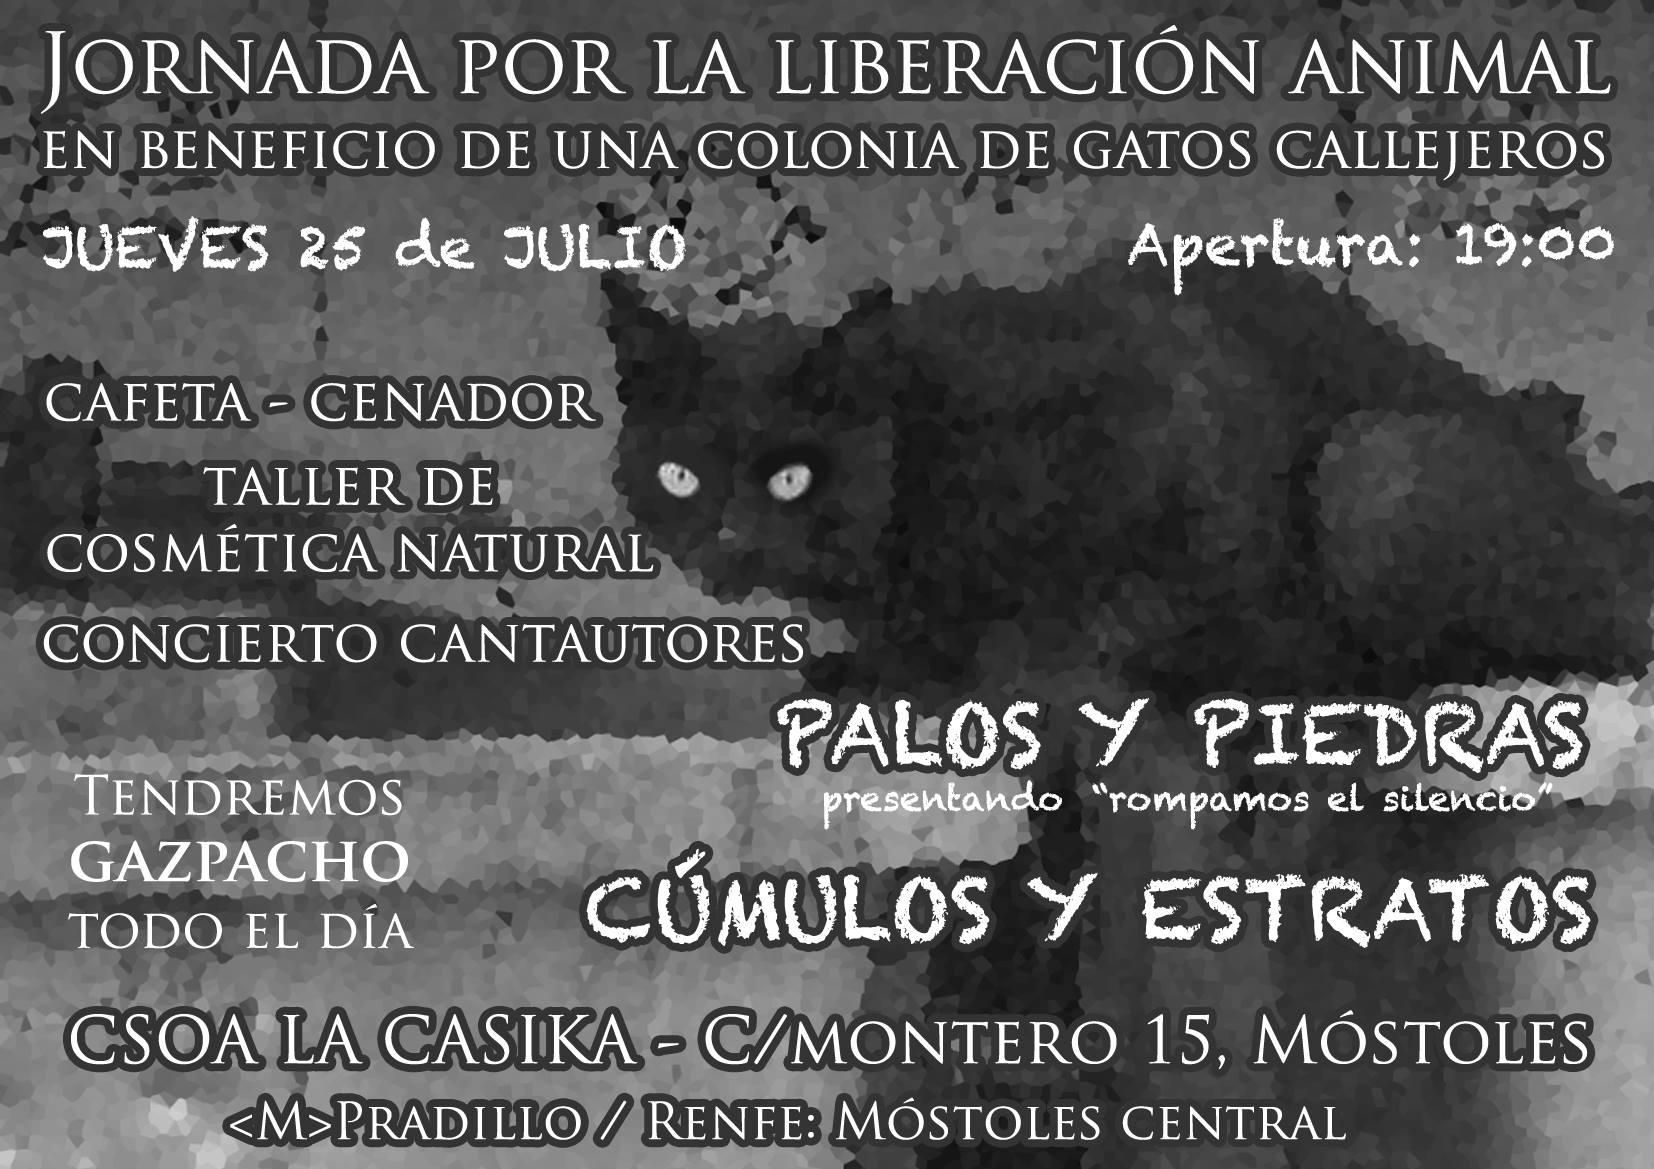 Jornada liberación animal - jueves 25 julio en laCasika Móstoles